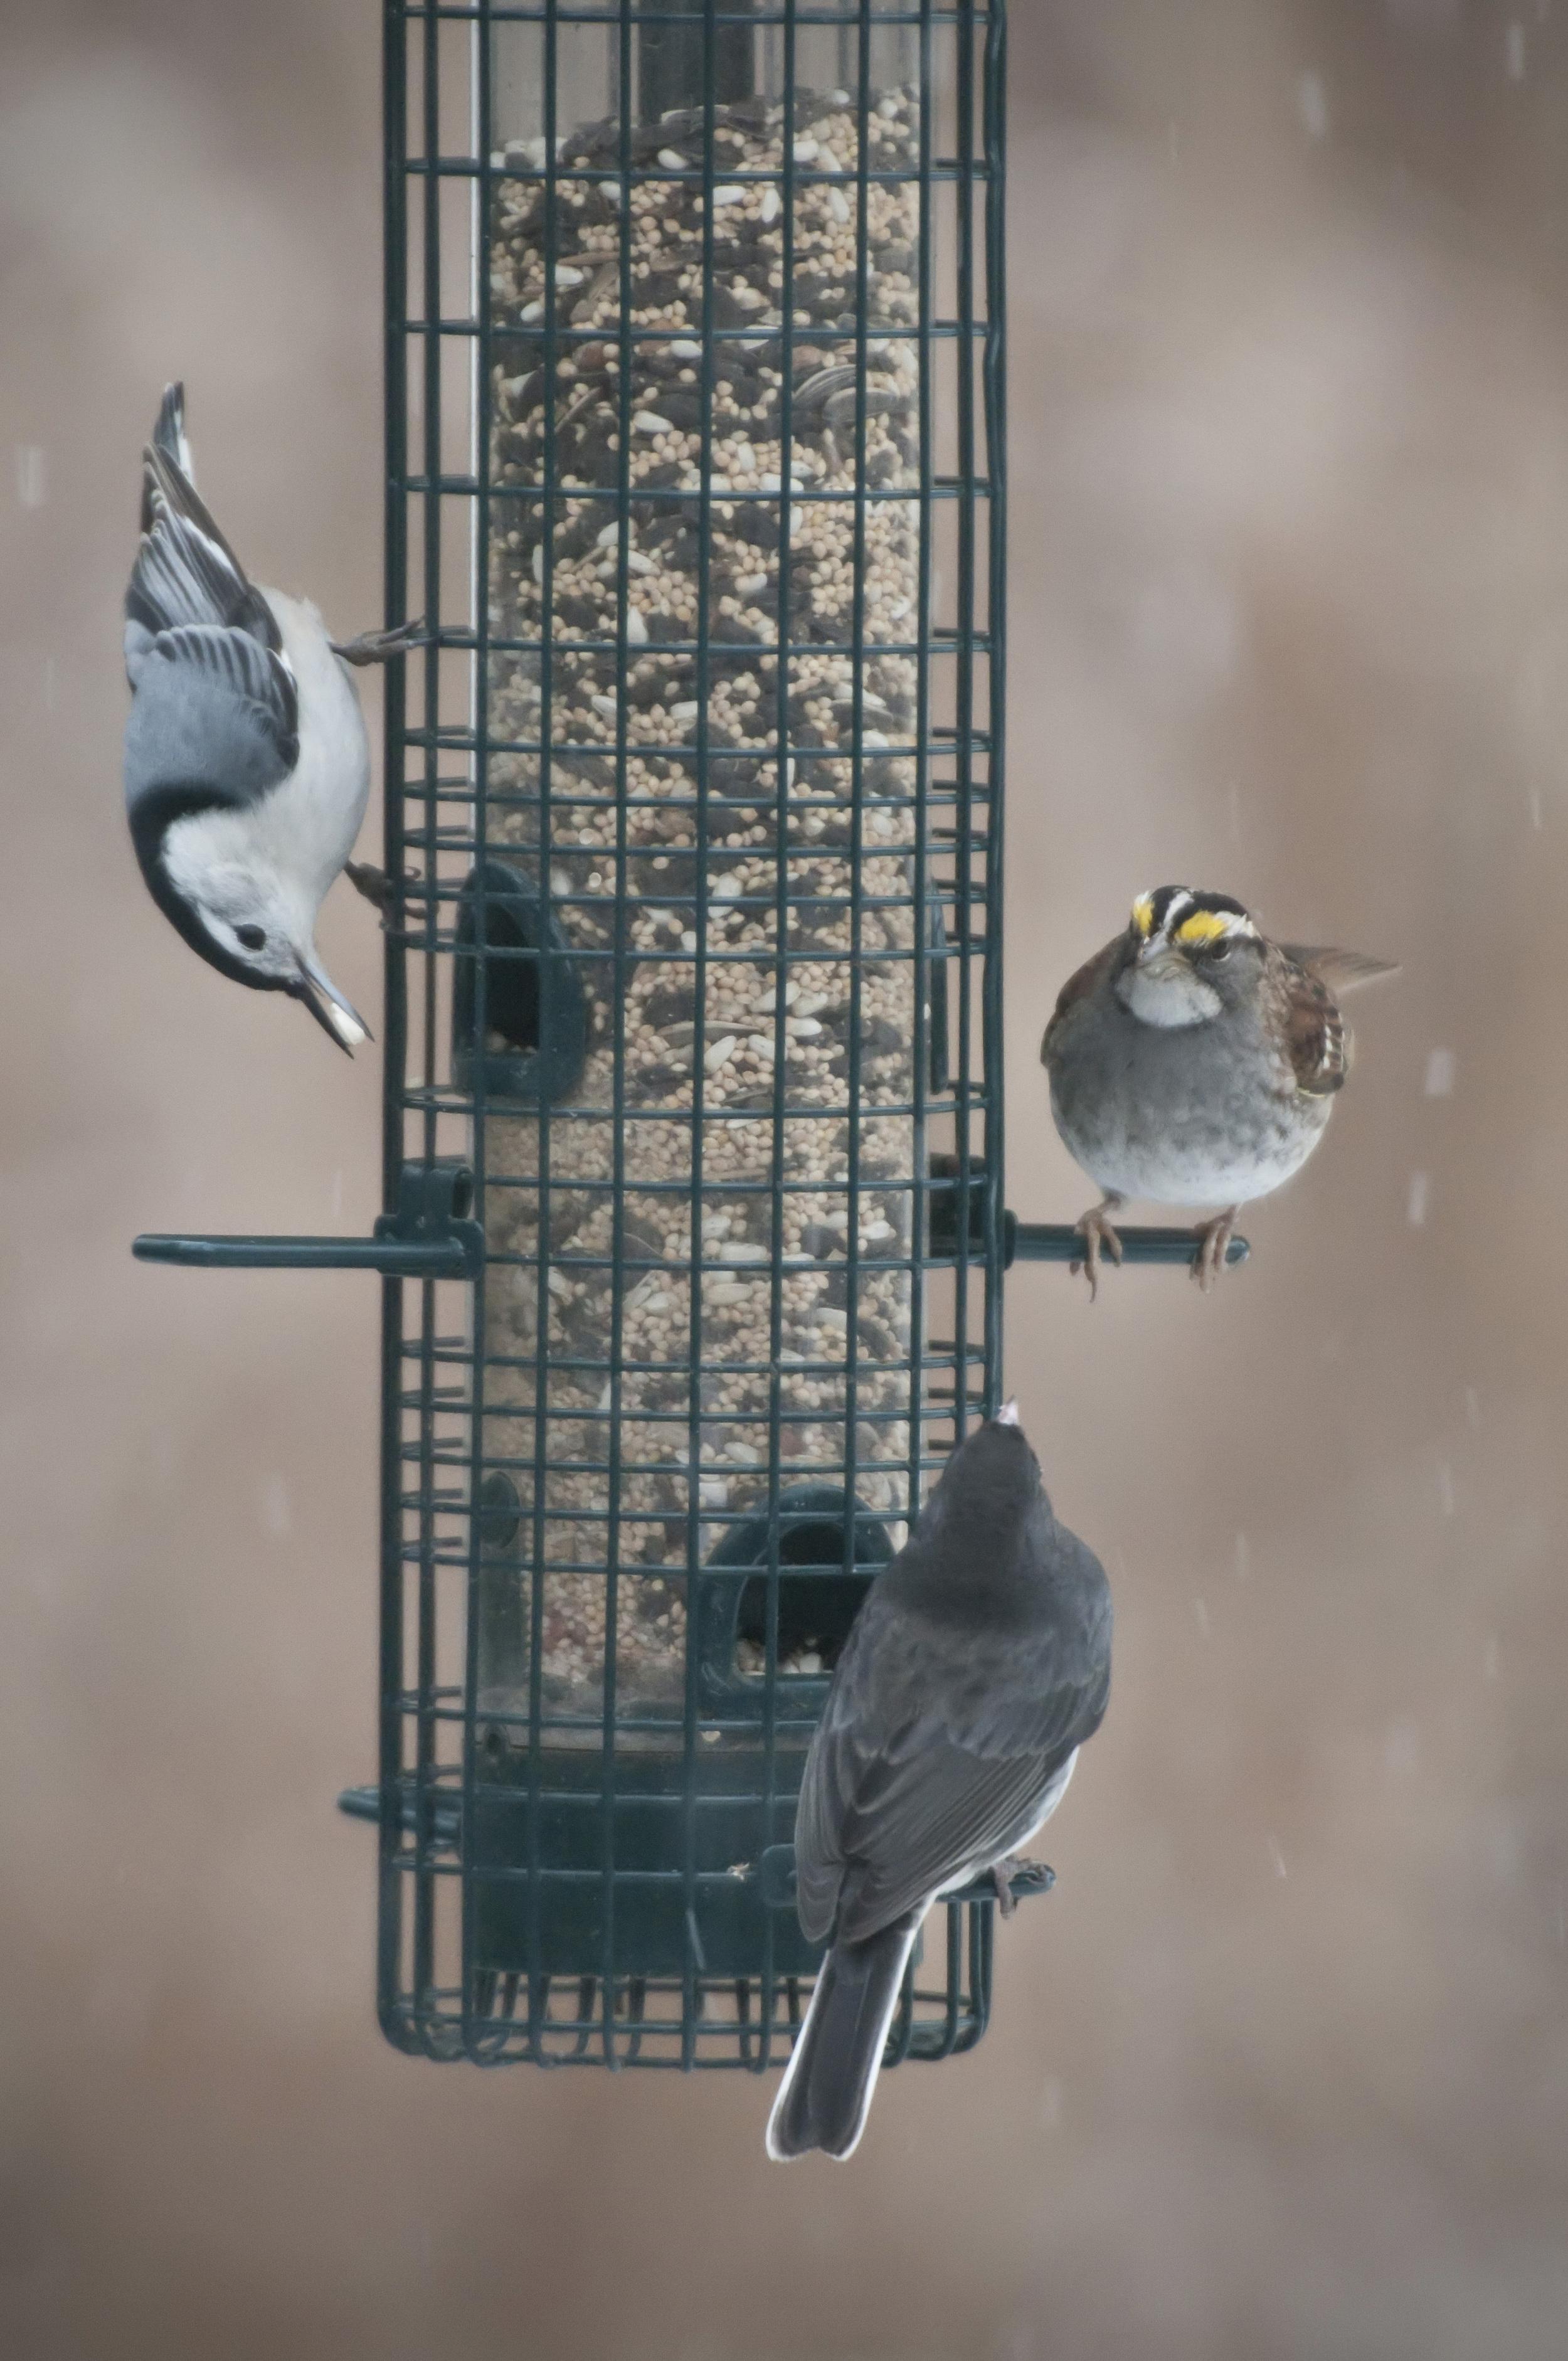 crowded feeder